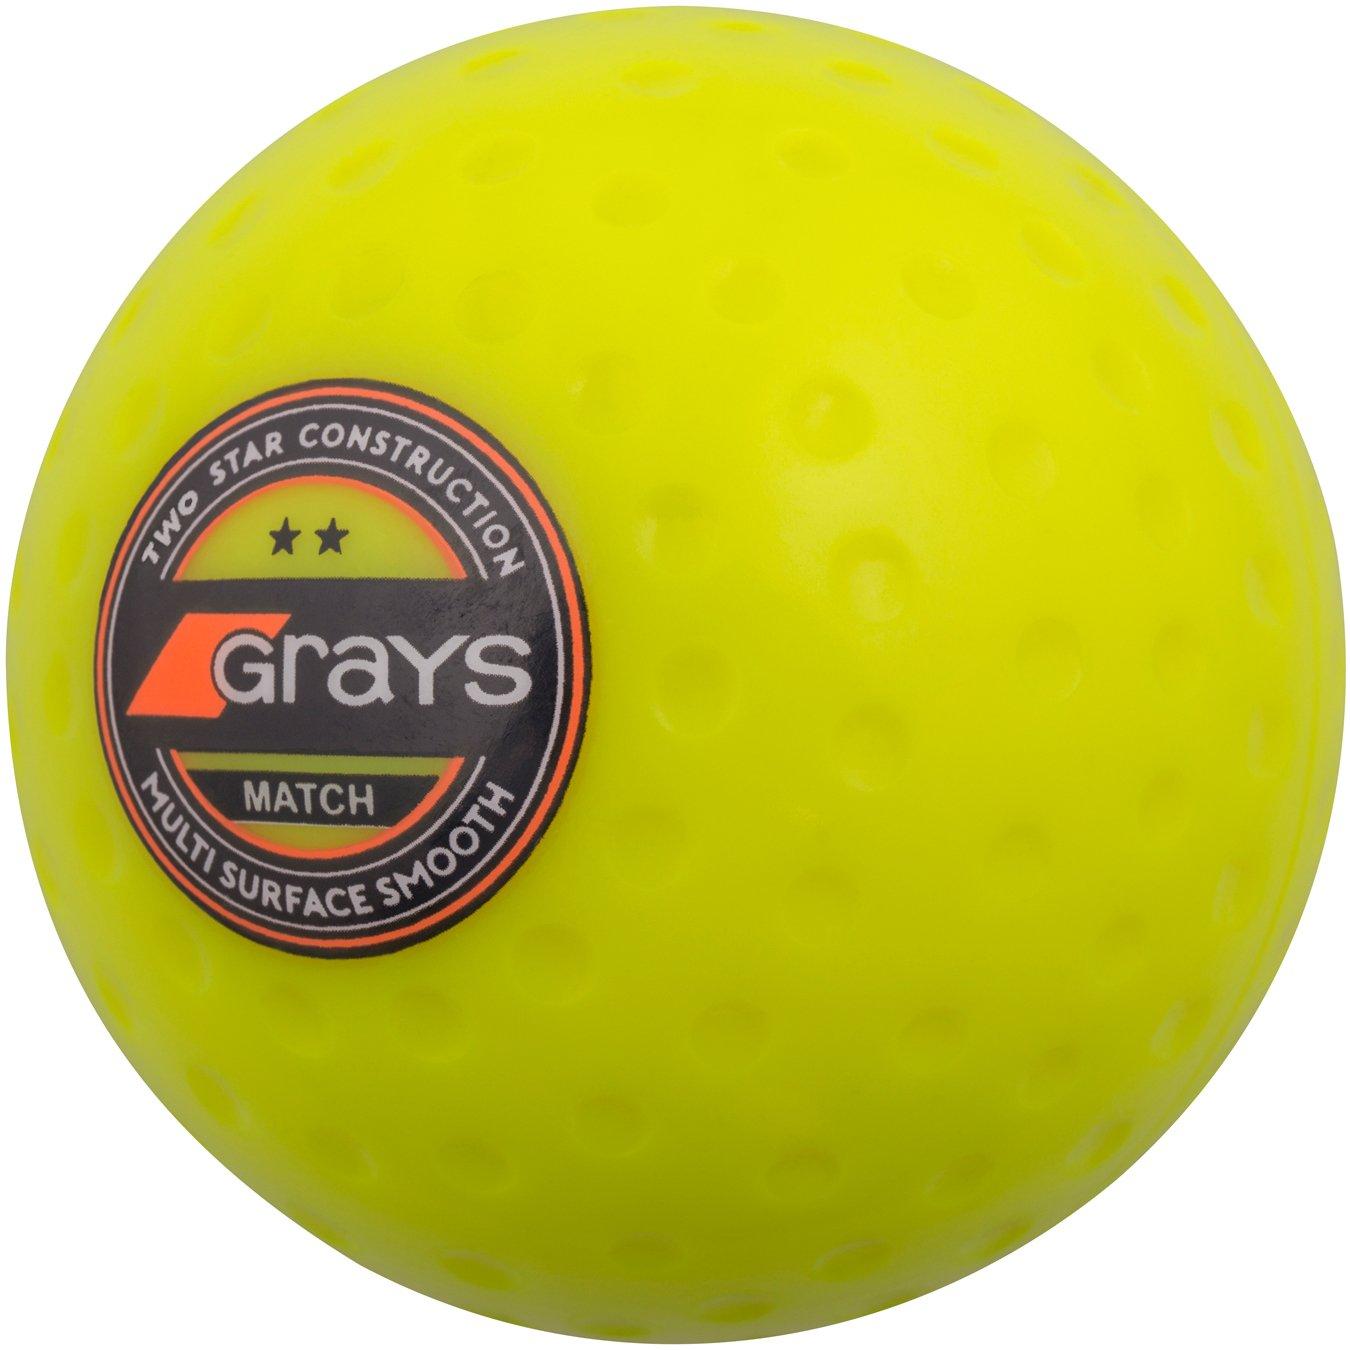 Grays Balle de Match de Hockey 644503